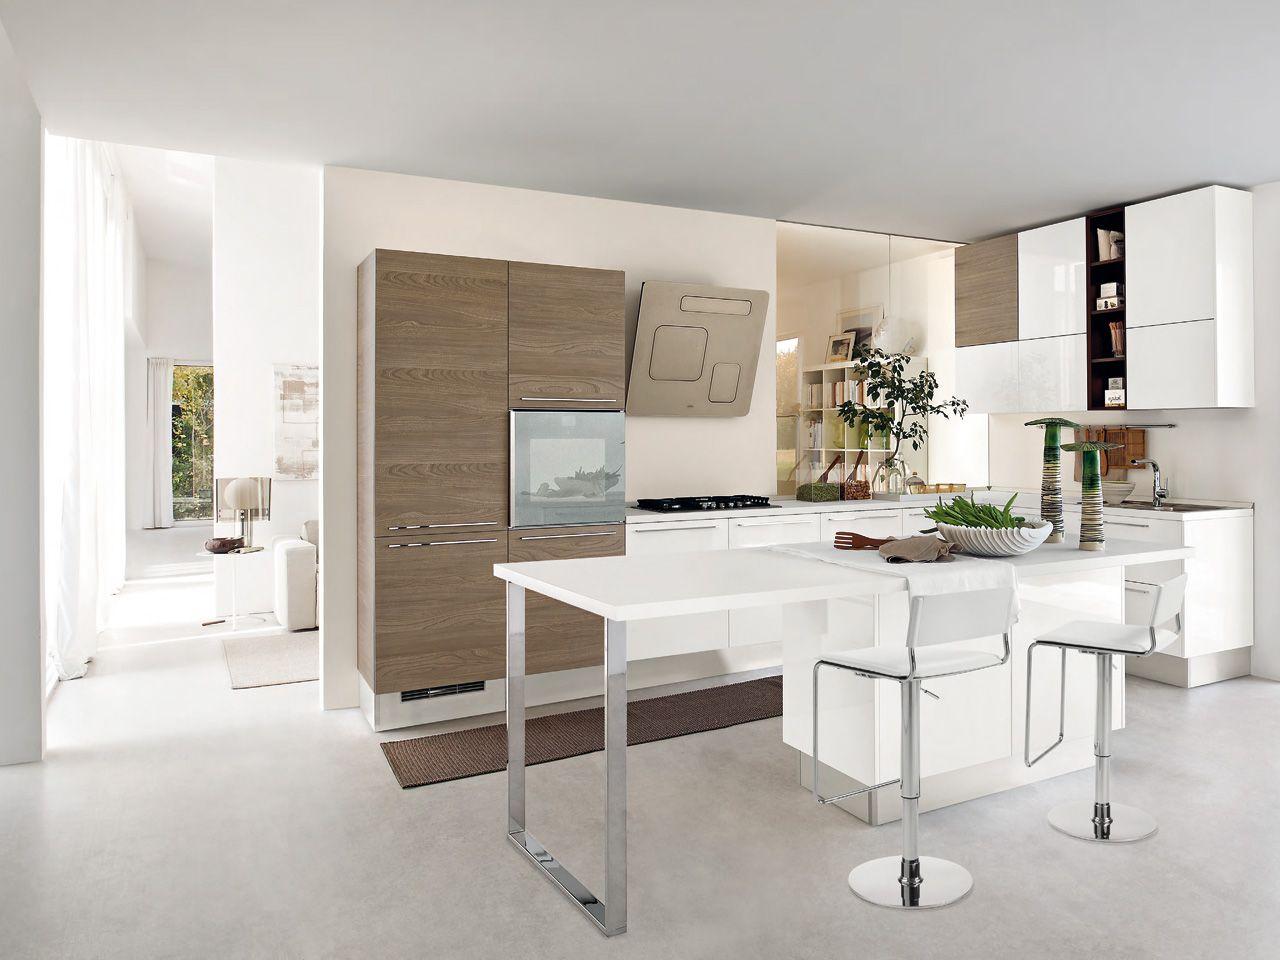 Cucine Per Piccoli Spazi Roma | madgeweb.com idee di interior design